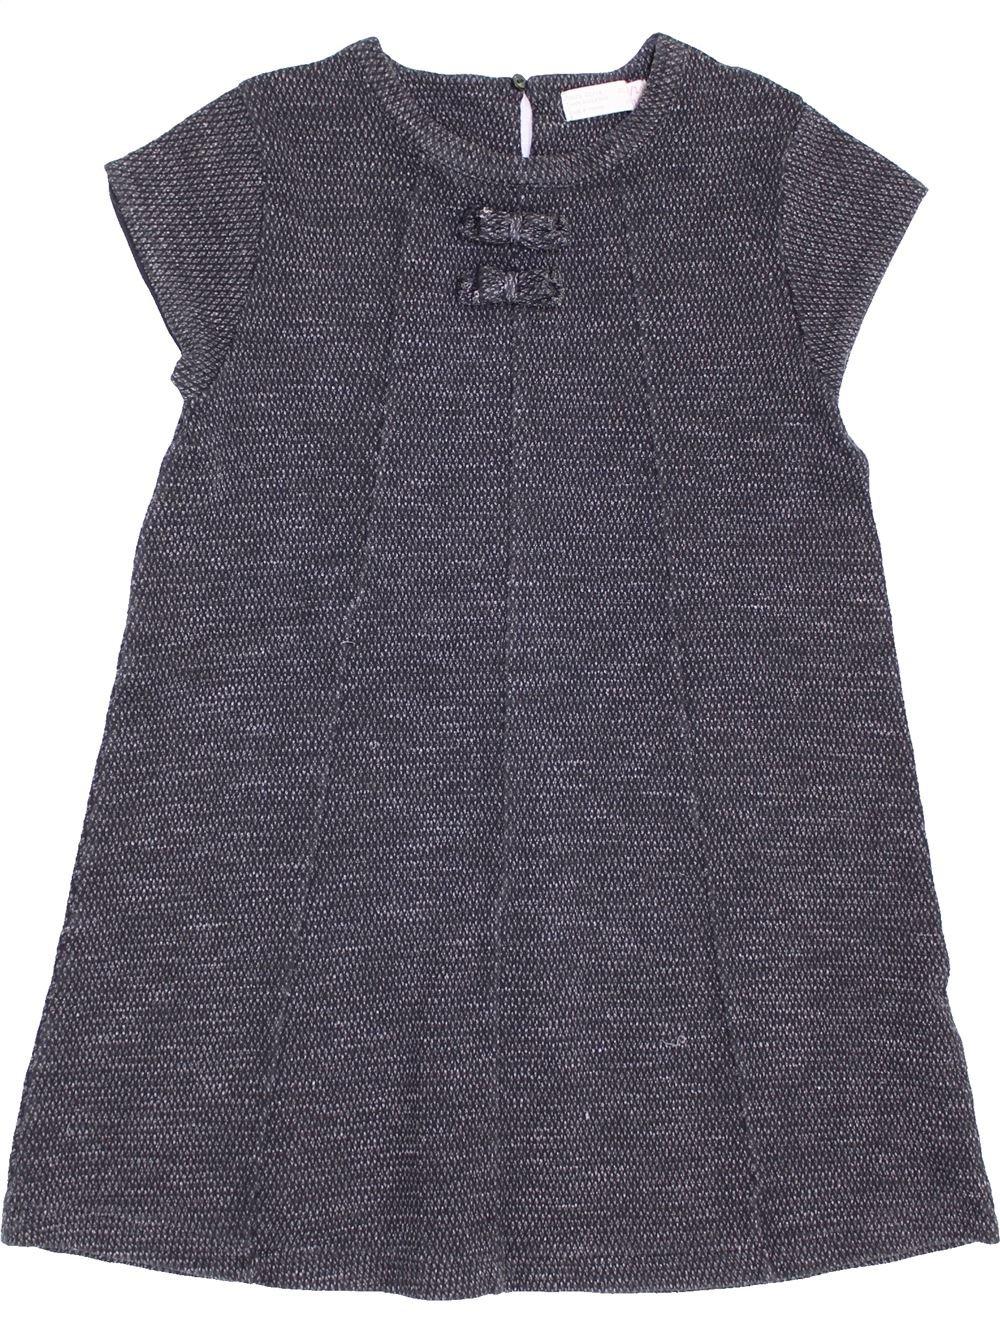 b96b5948068 Robe gris ZARA du 13 ans pour Fille - 1381476